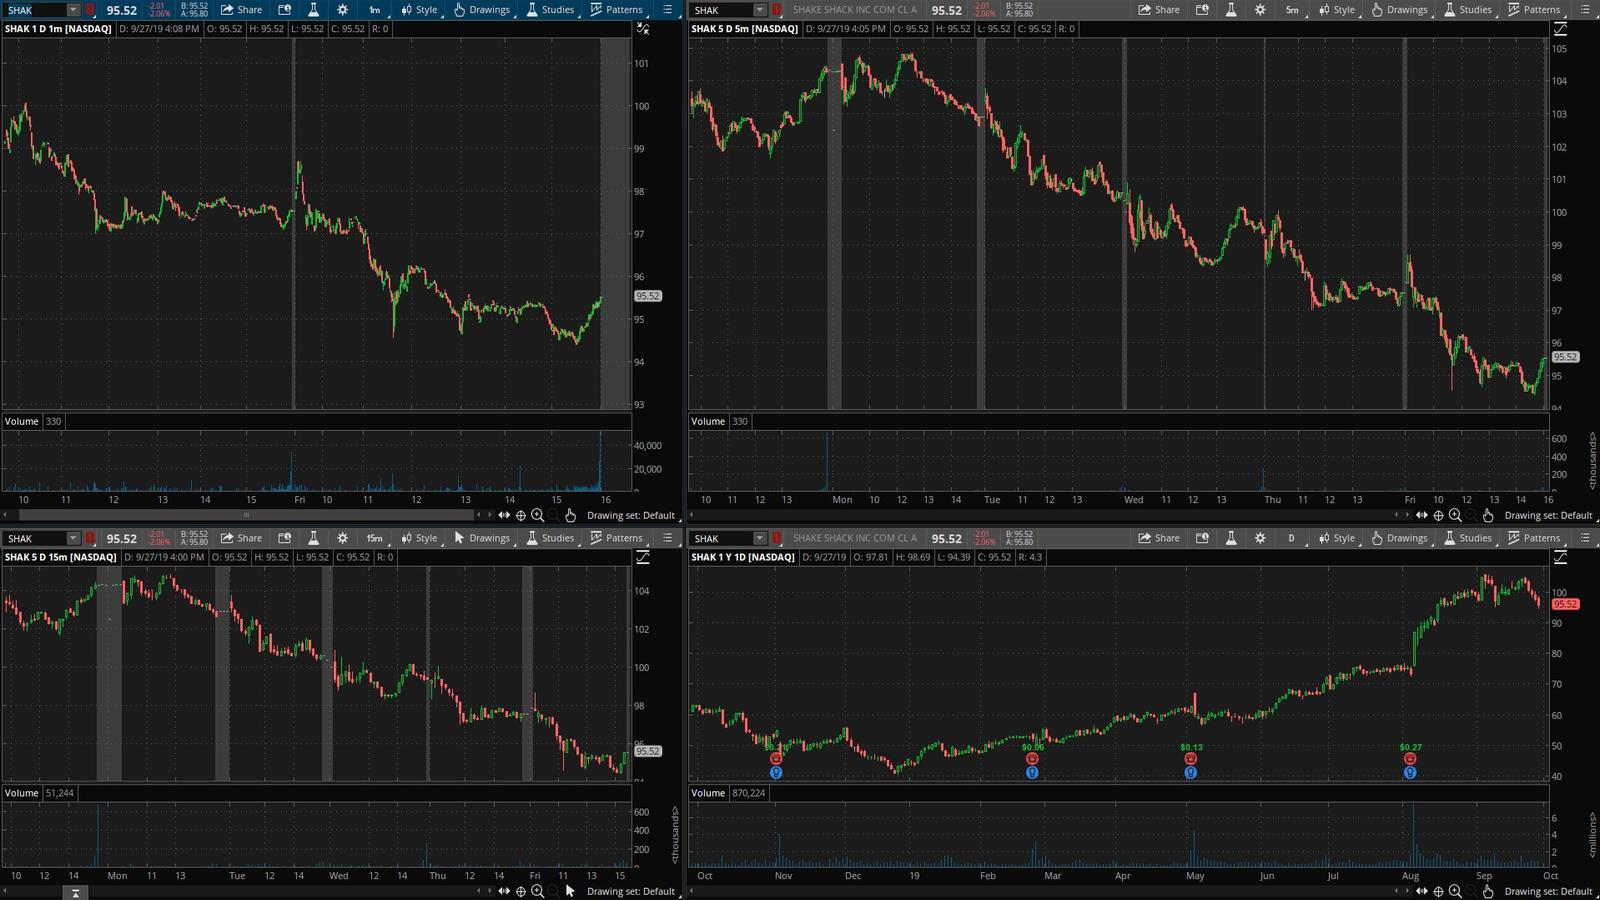 SHAK акция на фондовой бирже